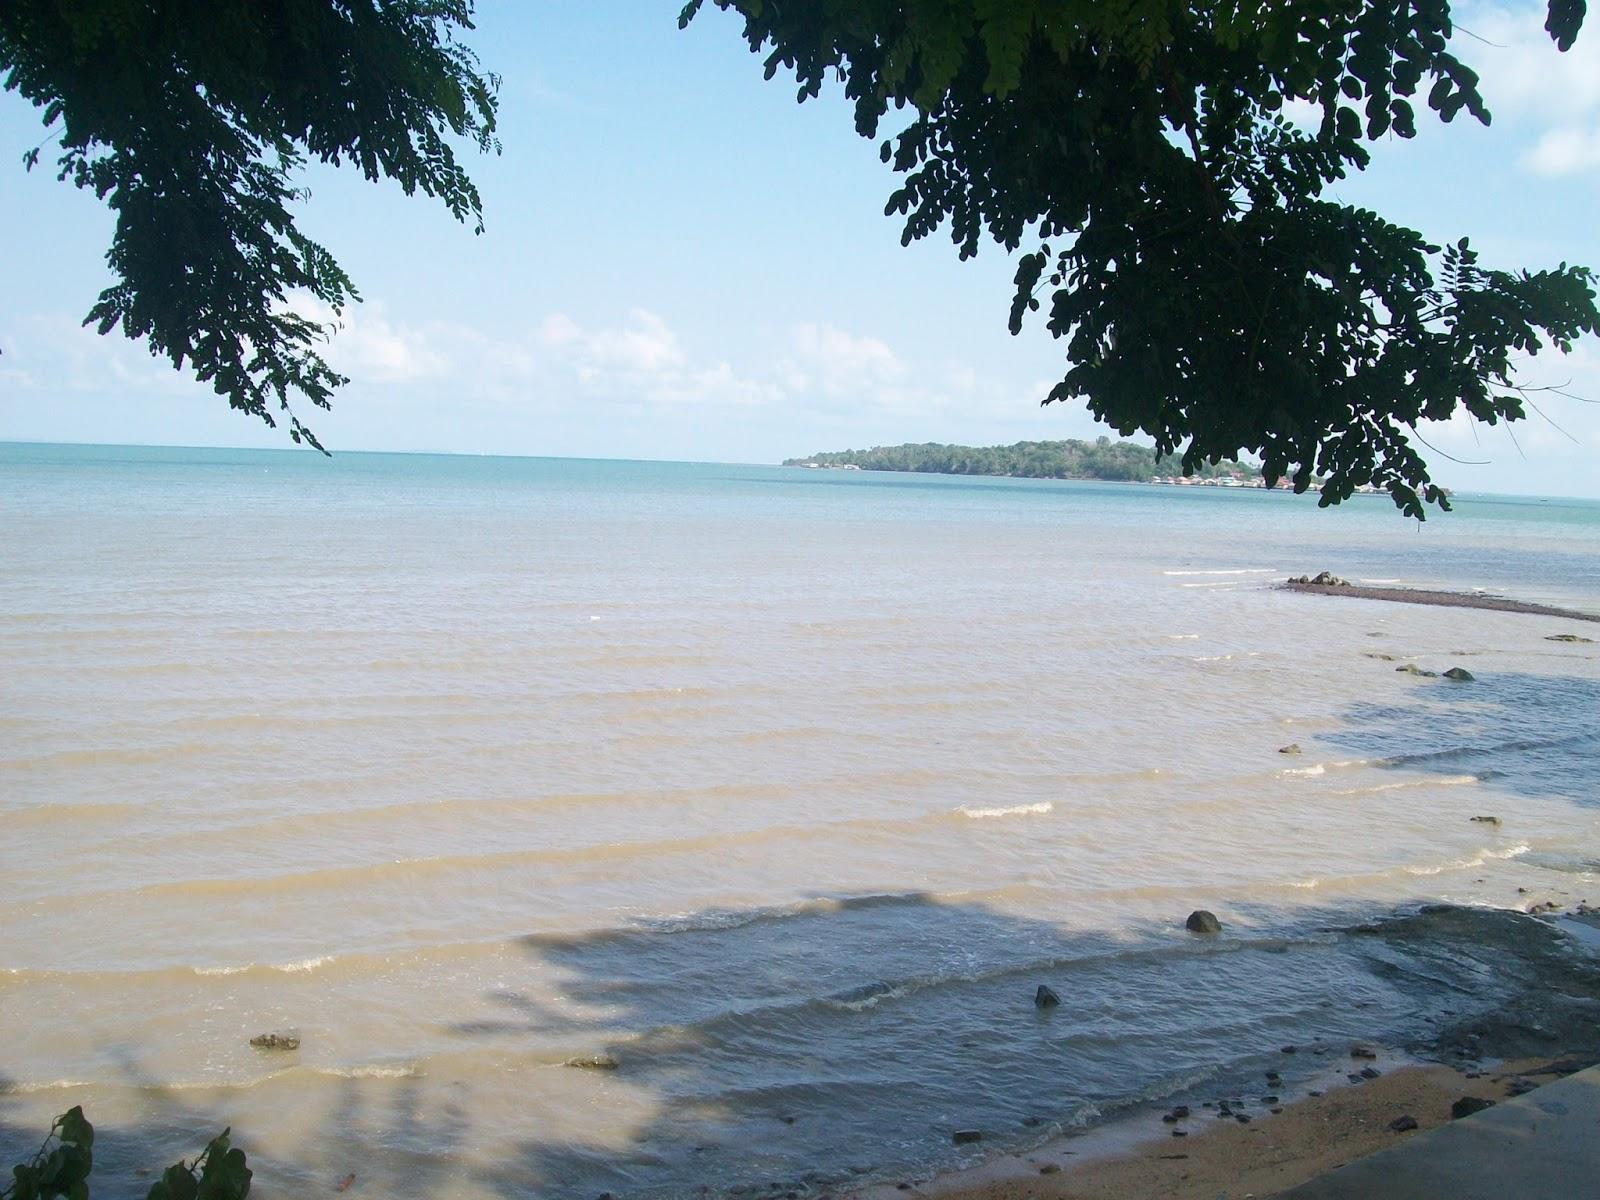 Tanjung Pinang Kepulauan Riau Keindahan Alam Indonesia Memories Tepi Pantai